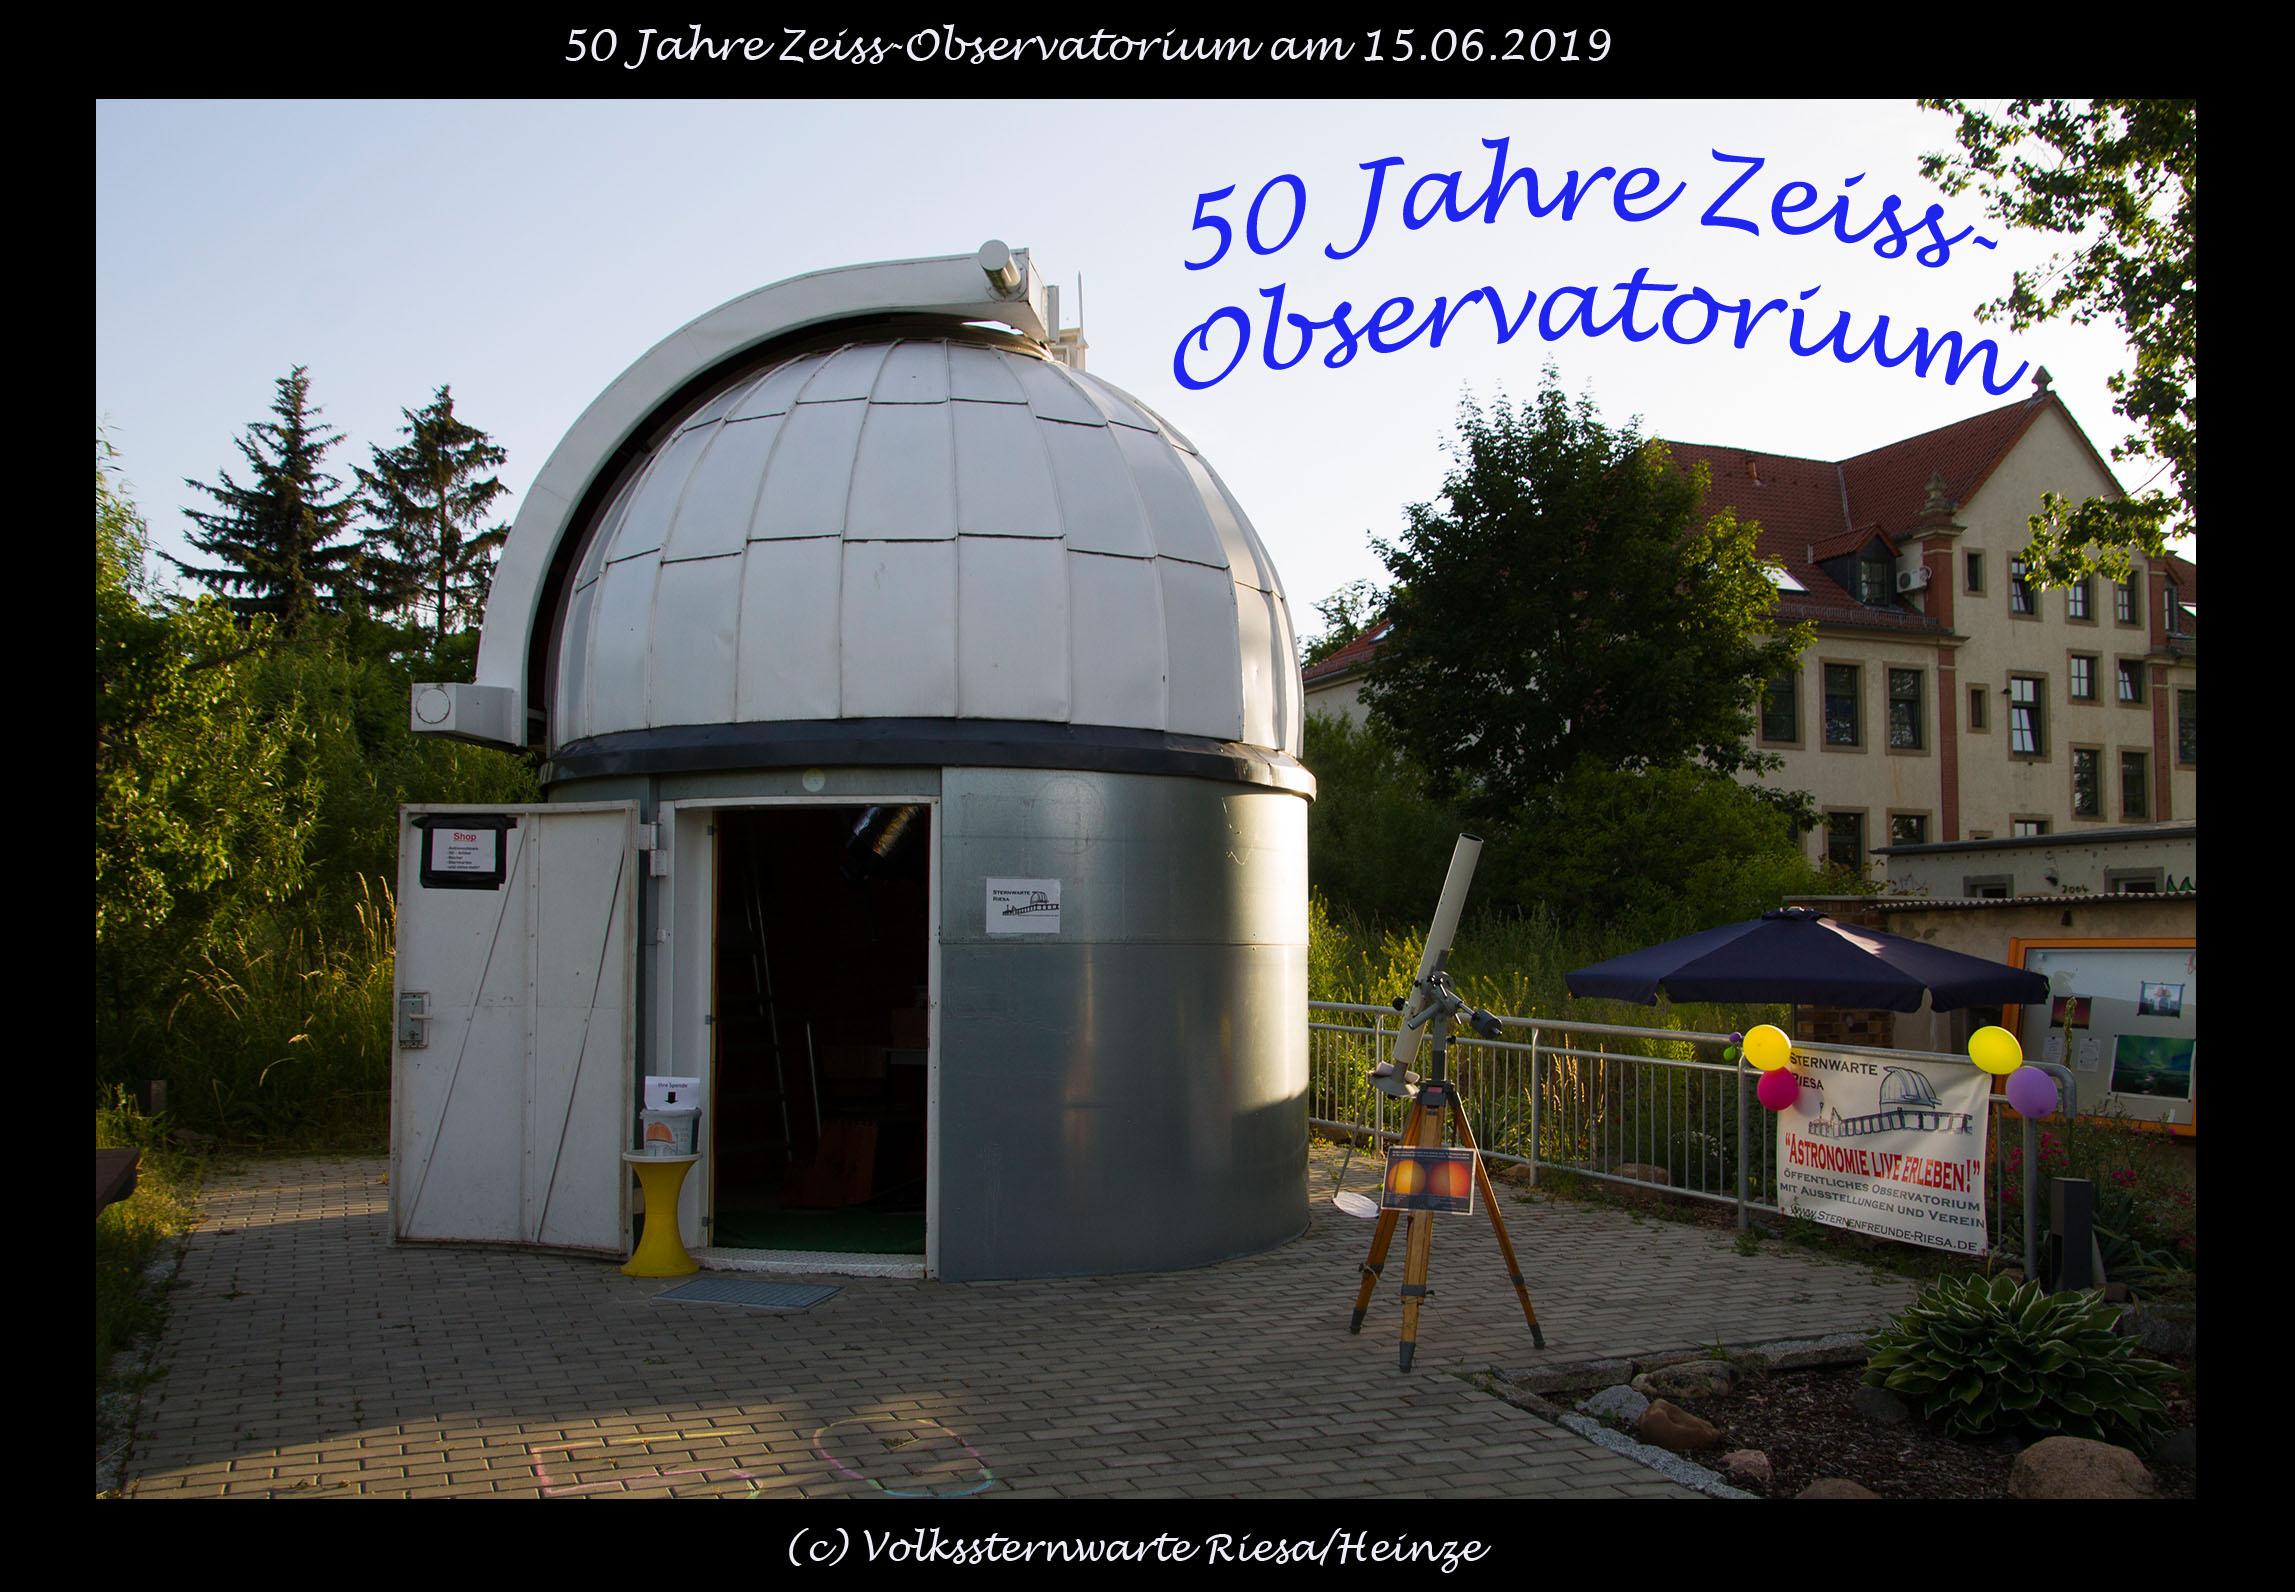 50 Jahre Zeiss Observatorium